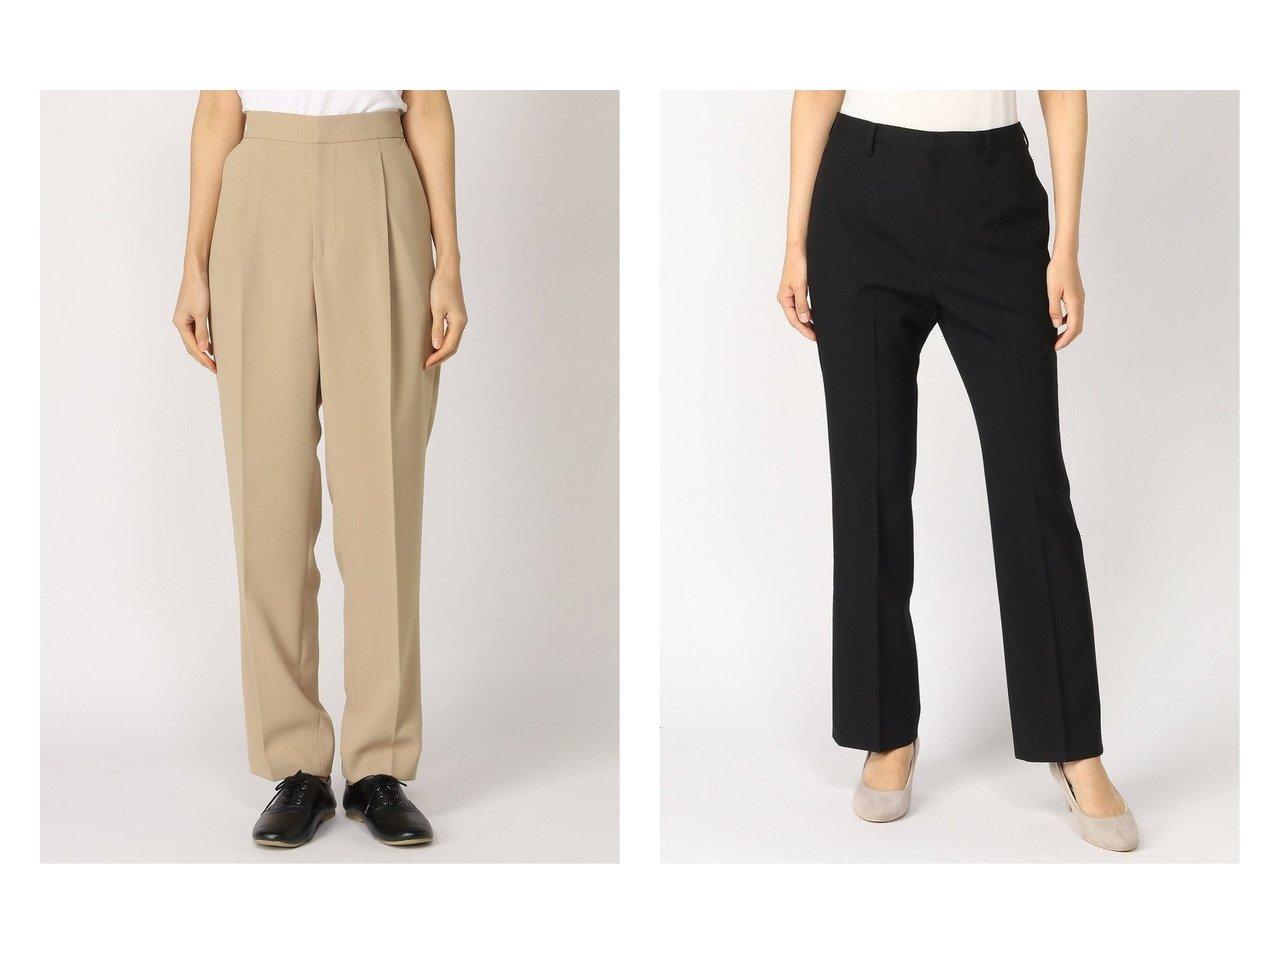 【FRAMeWORK/フレームワーク】のダブルアムンゼンテーパードPT&【Plage/プラージュ】のソモウスリットPT Re3 パンツのおすすめ!人気、トレンド・レディースファッションの通販 おすすめで人気の流行・トレンド、ファッションの通販商品 メンズファッション・キッズファッション・インテリア・家具・レディースファッション・服の通販 founy(ファニー) https://founy.com/ ファッション Fashion レディースファッション WOMEN パンツ Pants 2020年 2020 2020-2021 秋冬 A/W AW Autumn/Winter / FW Fall-Winter 2020-2021 A/W 秋冬 AW Autumn/Winter / FW Fall-Winter ジョーゼット ジーンズ ボトム ロング シンプル ストレート スリット |ID:crp329100000013368